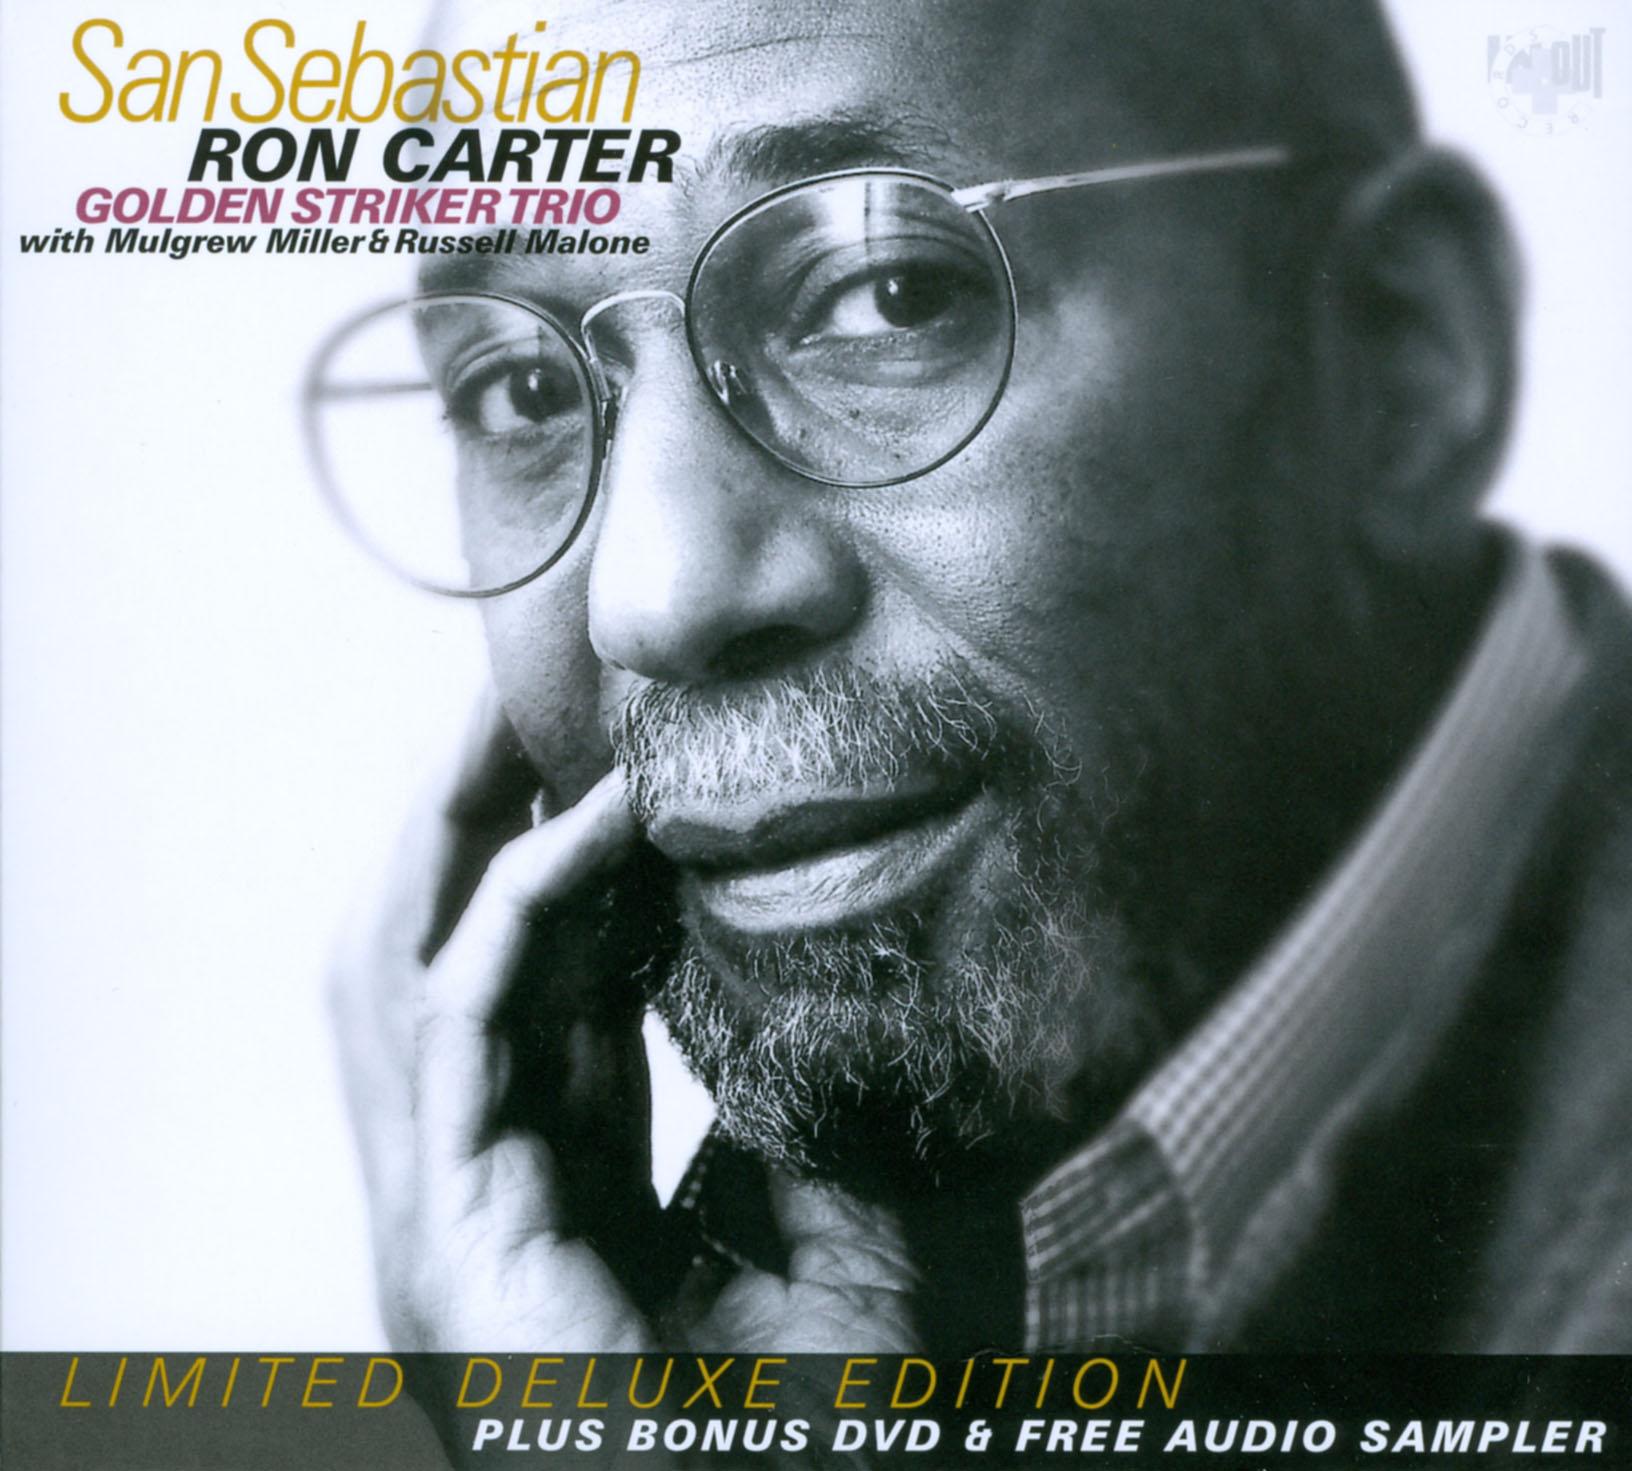 Ron Carter and Golden Striker Trio: San Sebastian